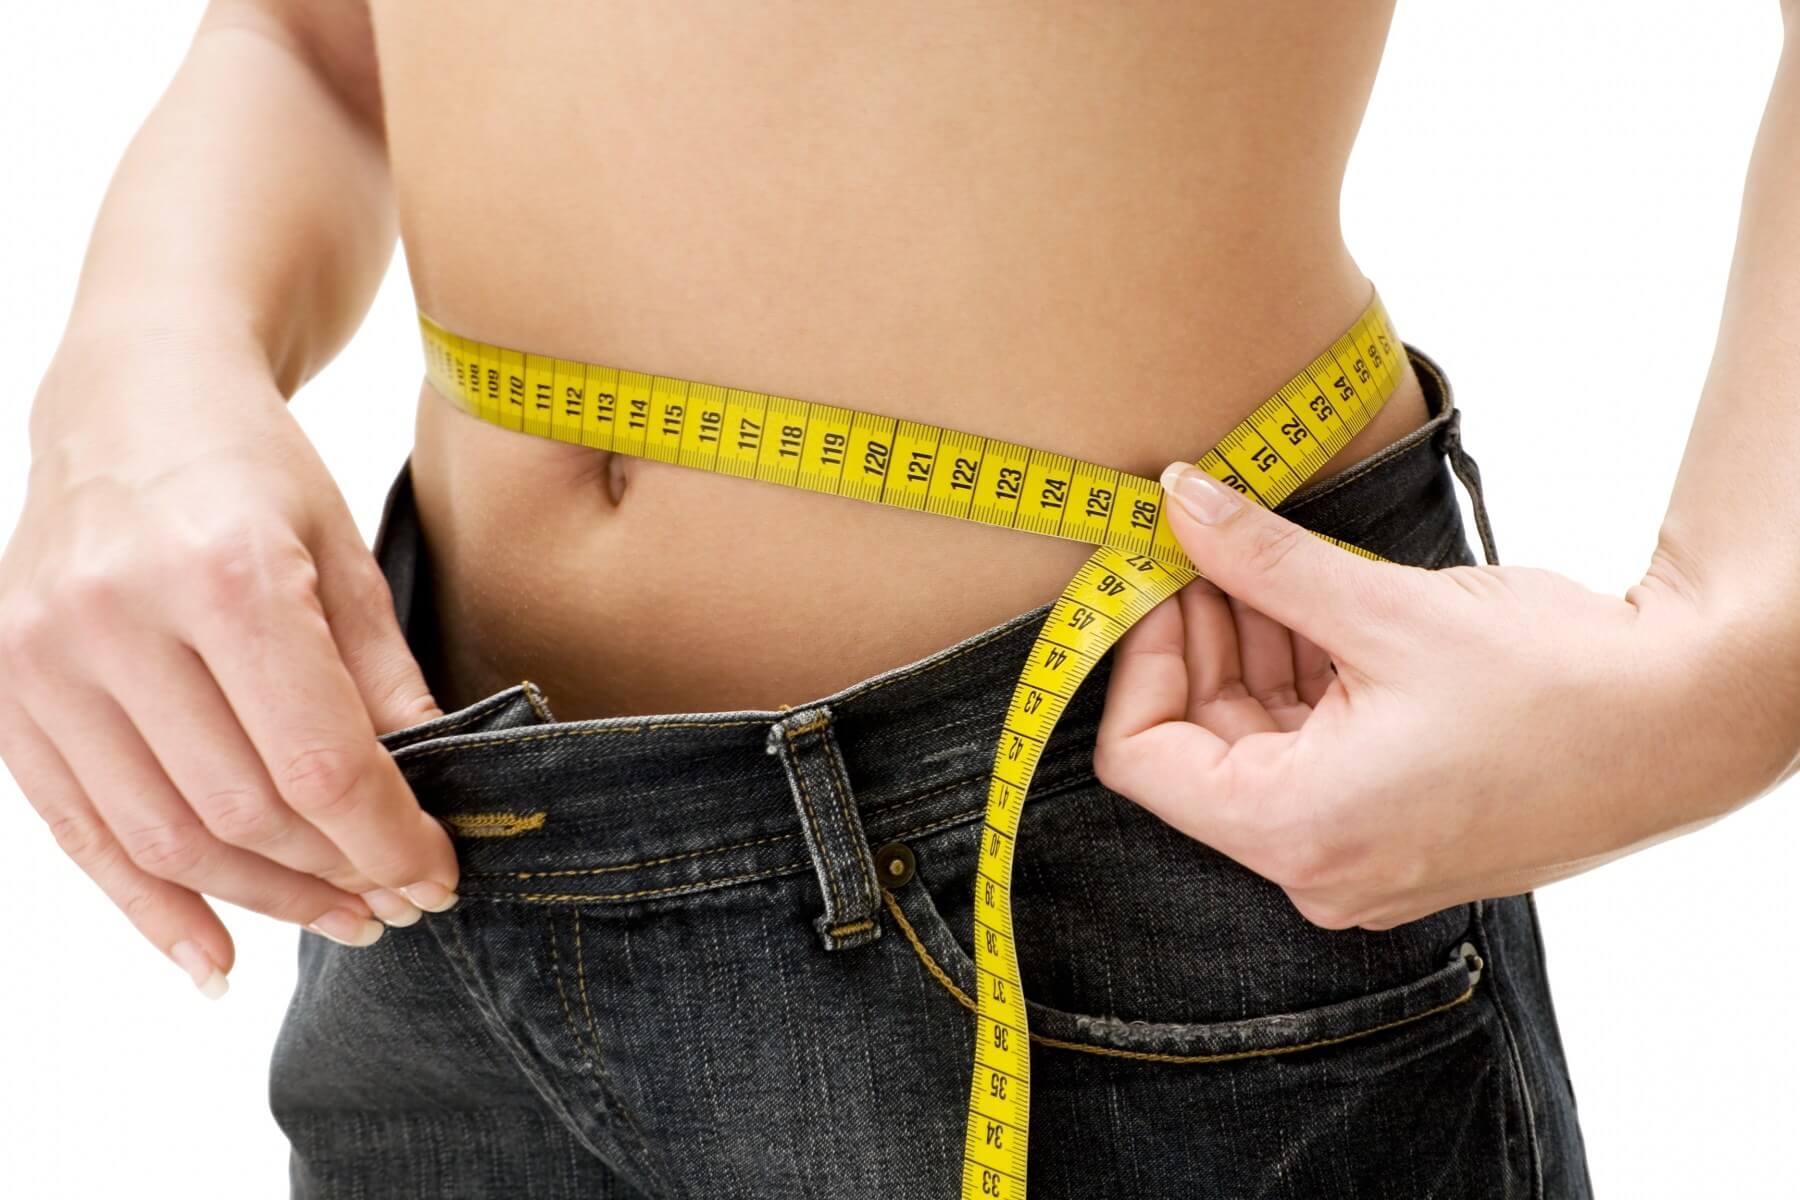 Баклажан позволяет сбросить вес